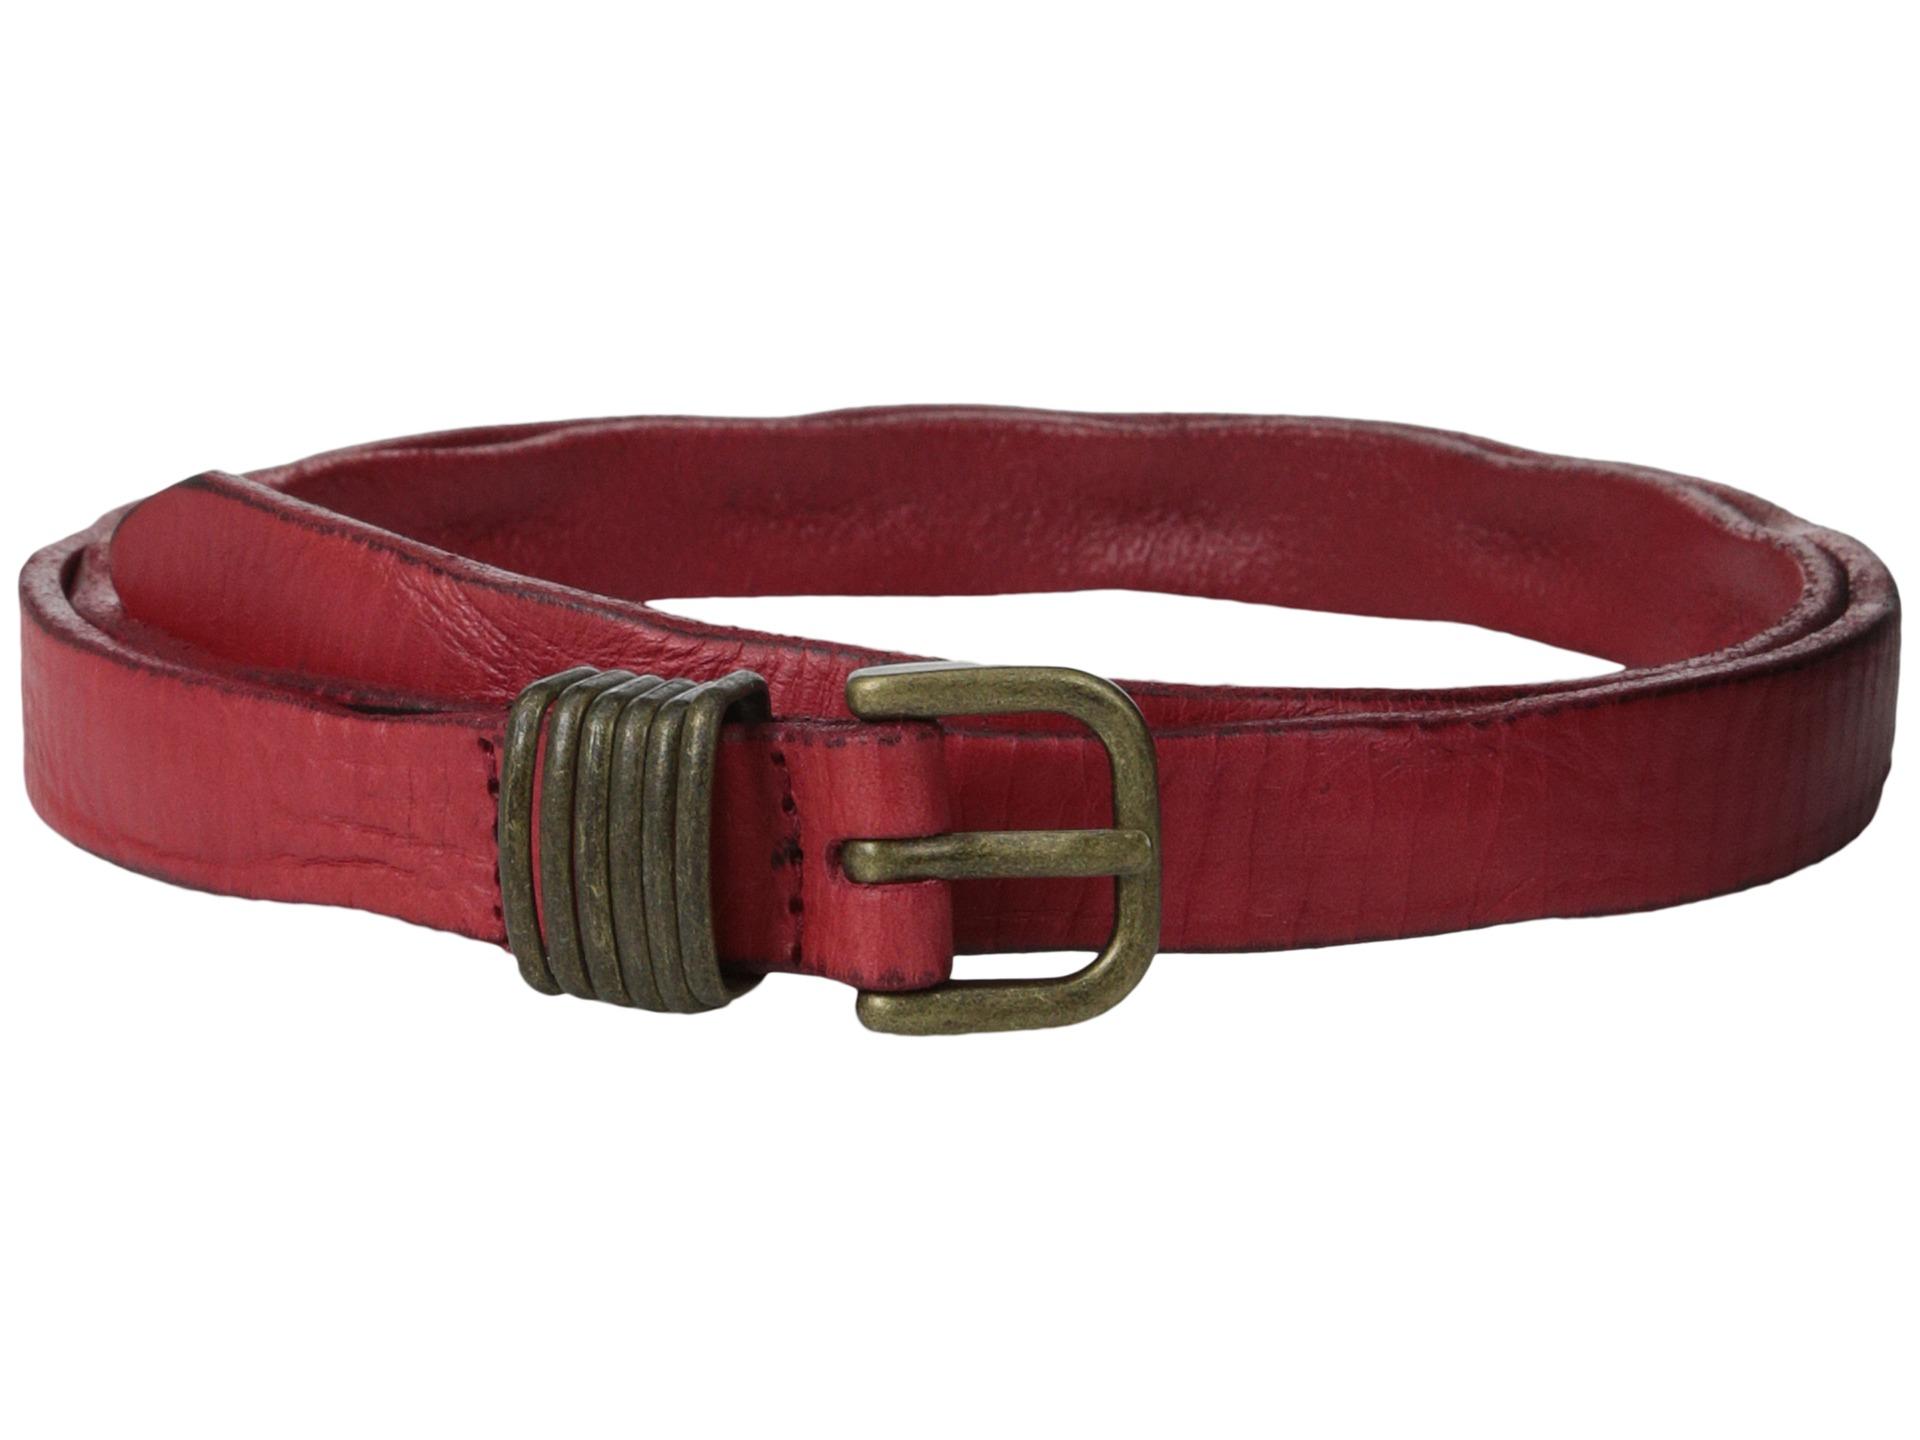 liebeskind lkb634 vintage leather belt in lyst